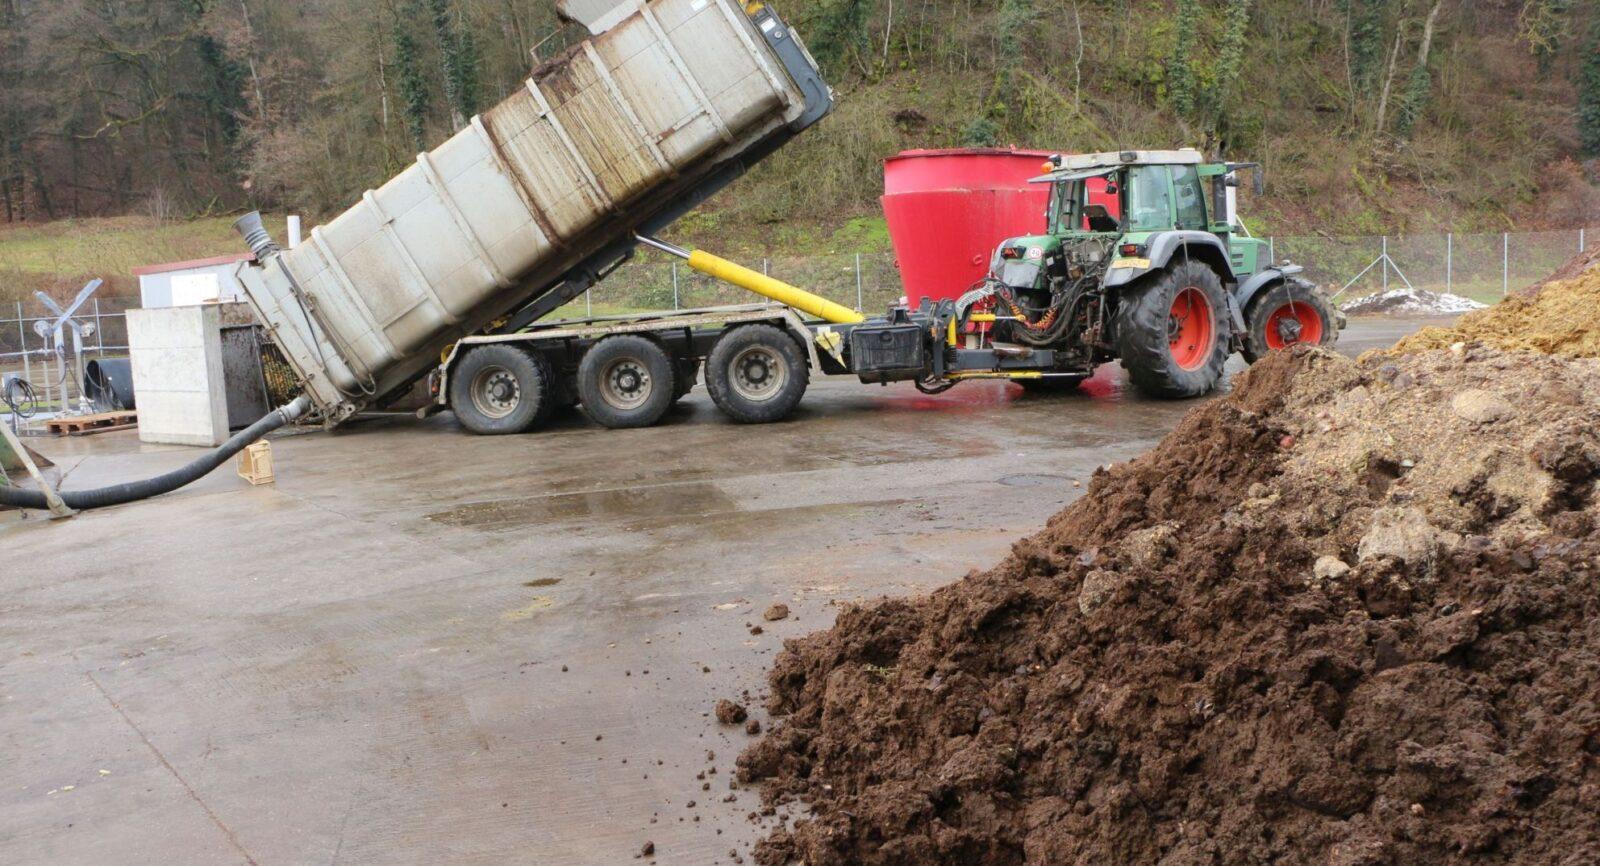 Eingespielte Prozesse: Regelmässig kommen Berufskollegen vorbei und füllen den Sous-terrain-Fermenter der Müller Energie GmbH mit Jauche und festem Substrat.